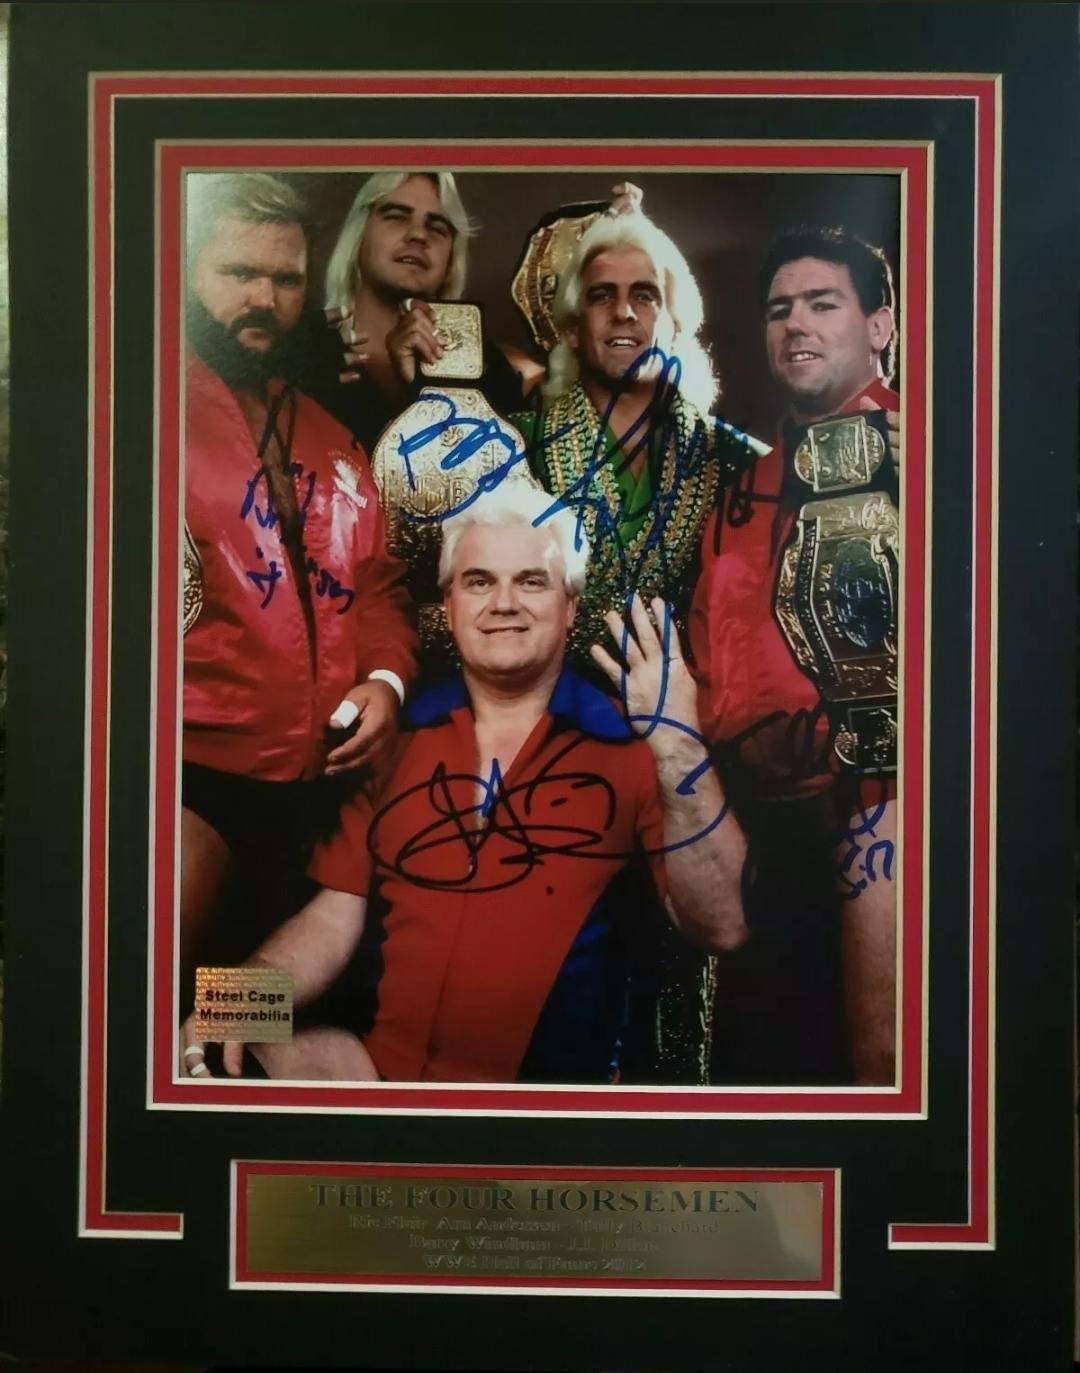 WWE WCW RIC FLAIR FOUR HORSEMEN 11X14 Matted Namplate PHOTO Autograph